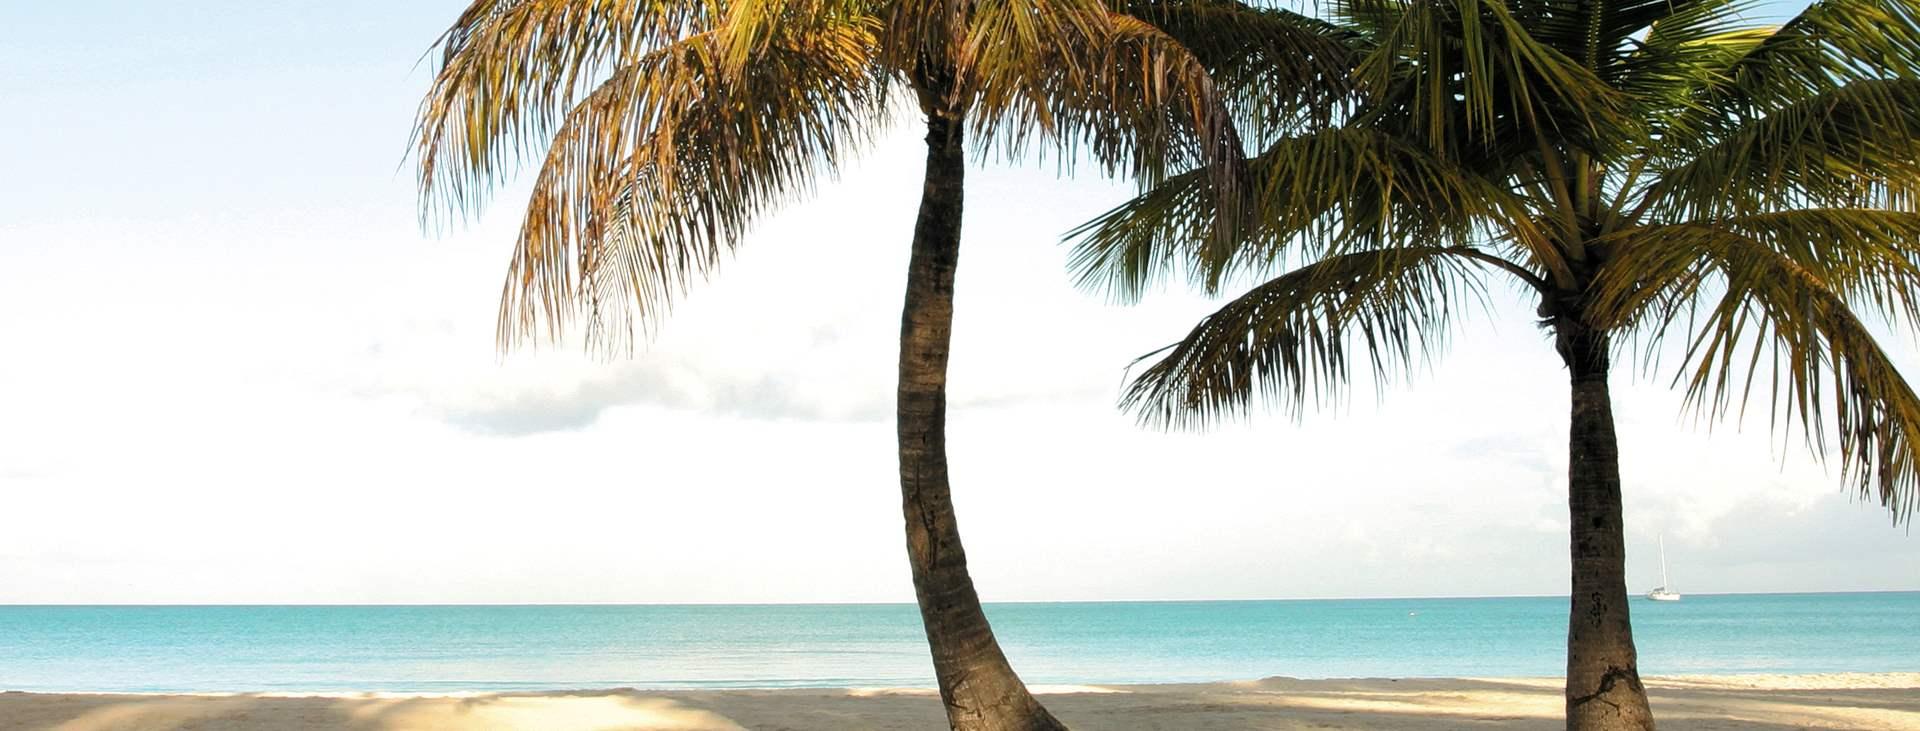 Drömmen om Karibien – Boka en resa till Antigua